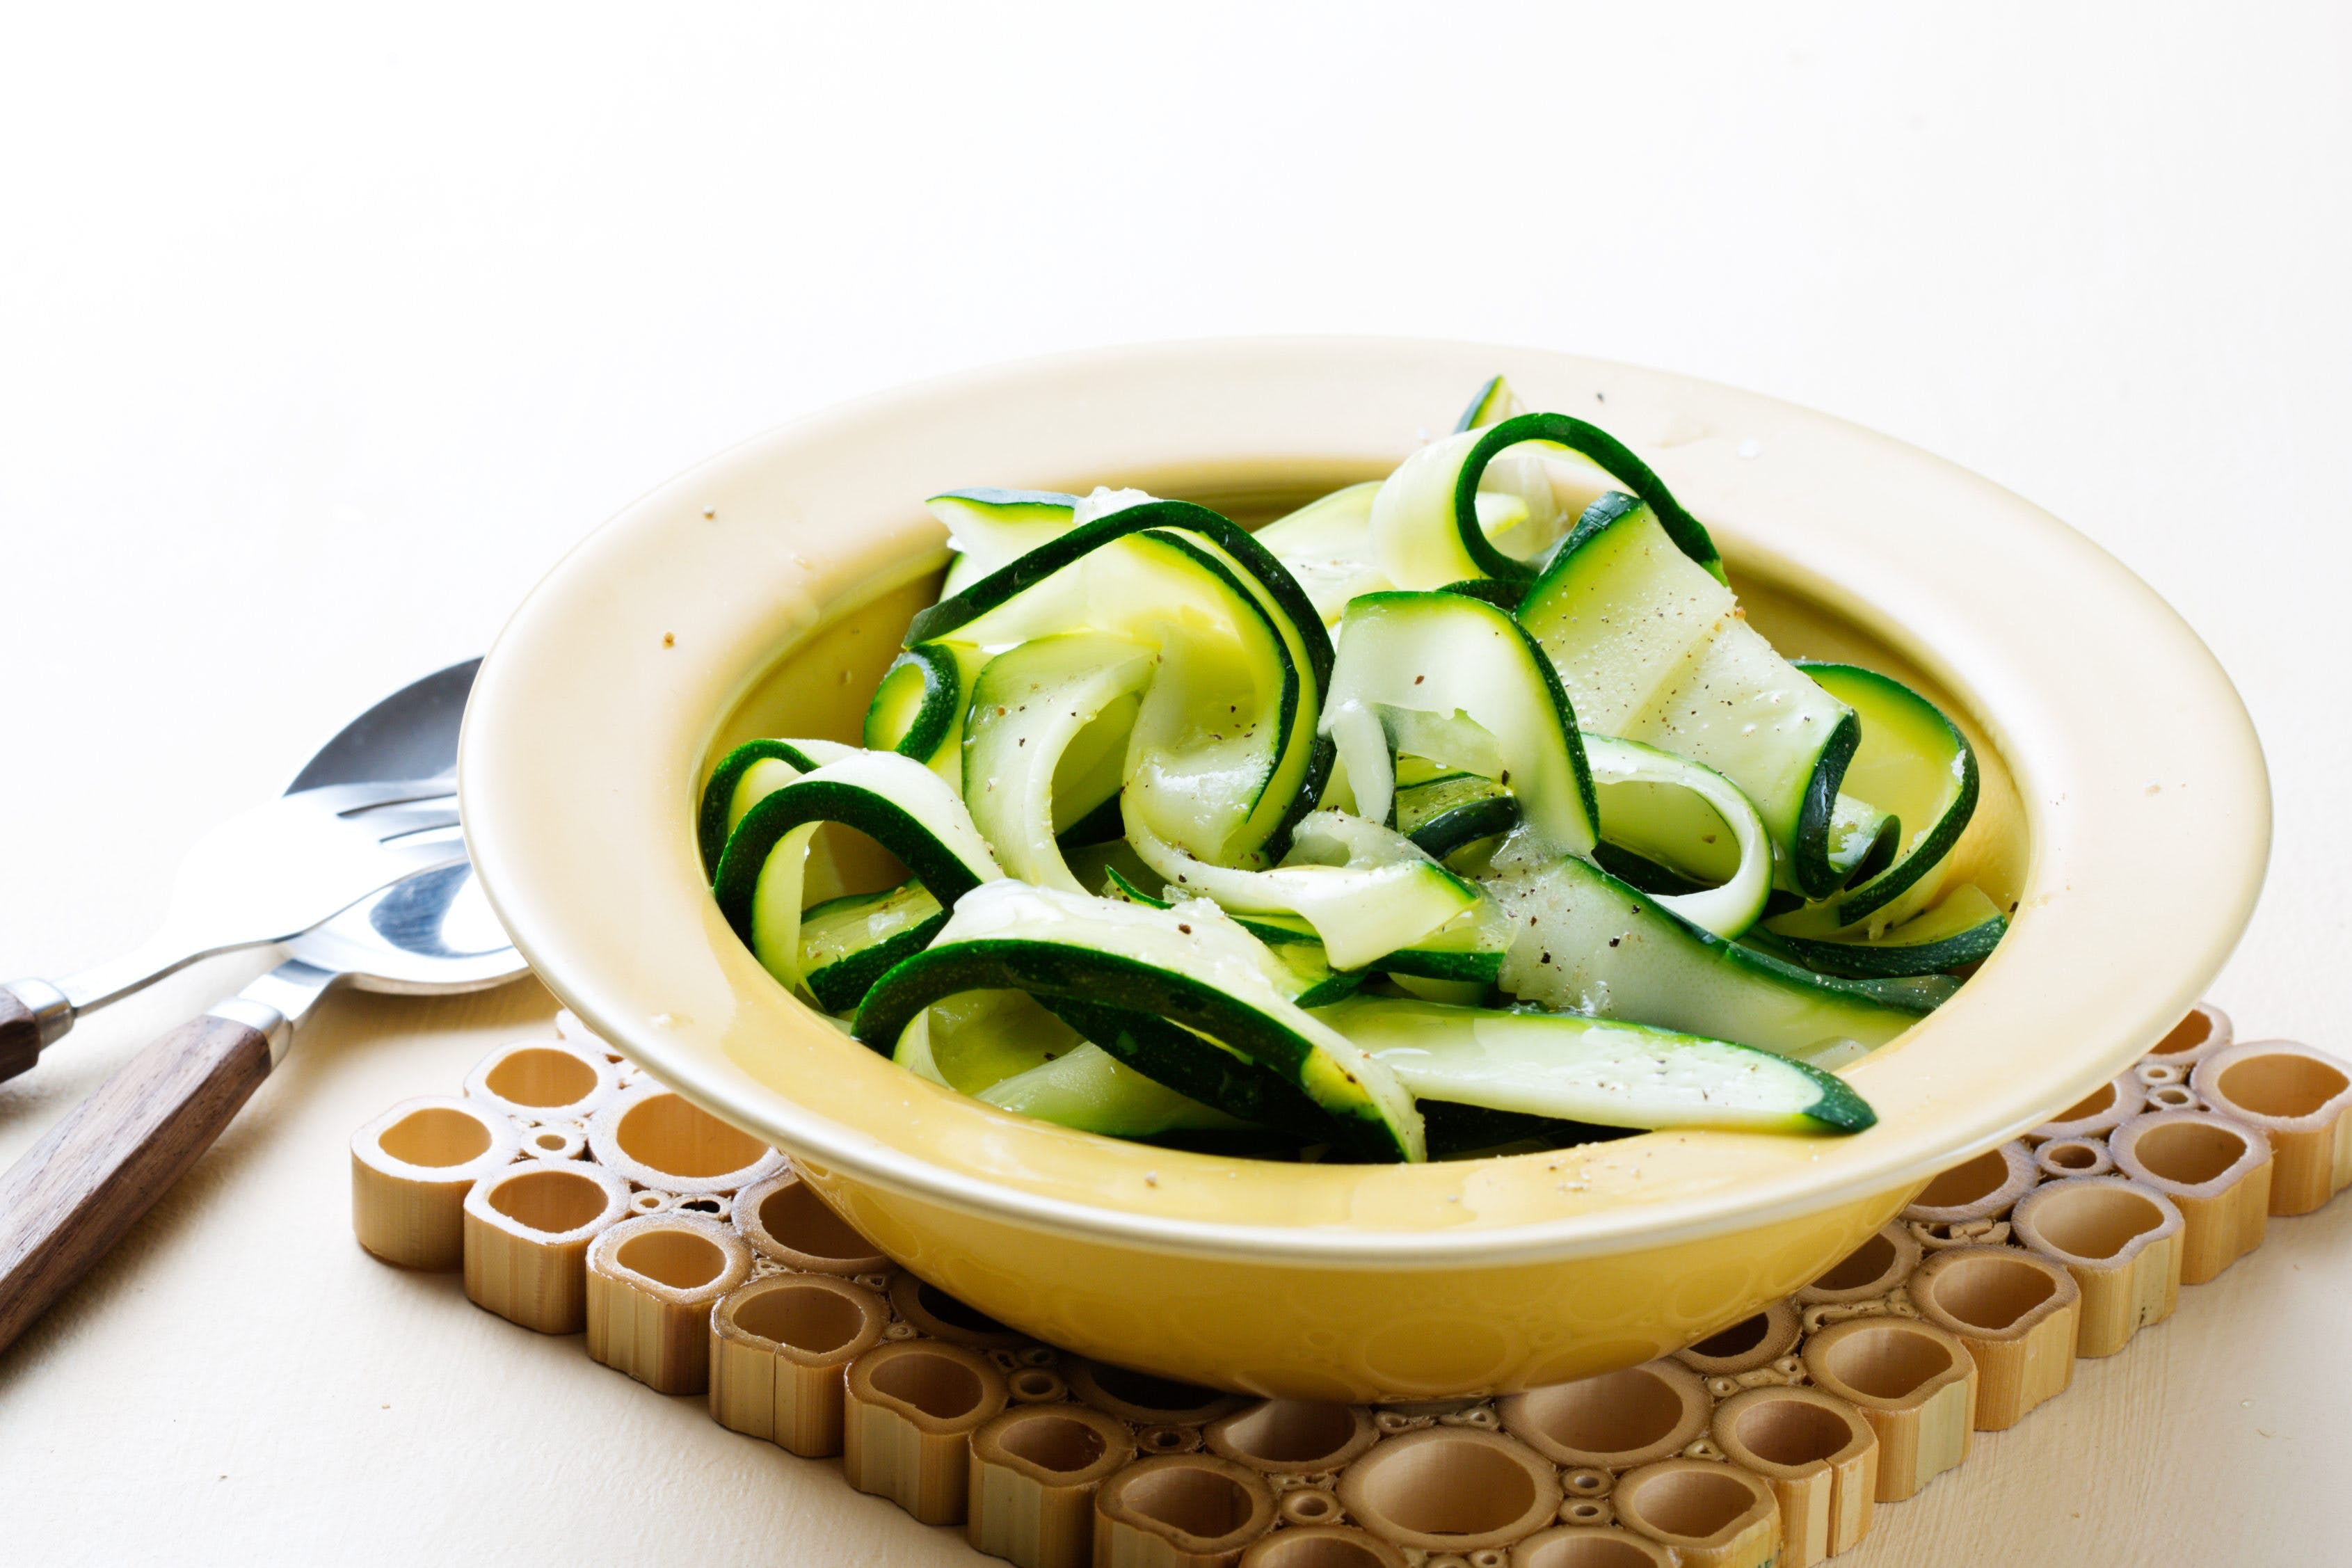 Zucchini fettuccine